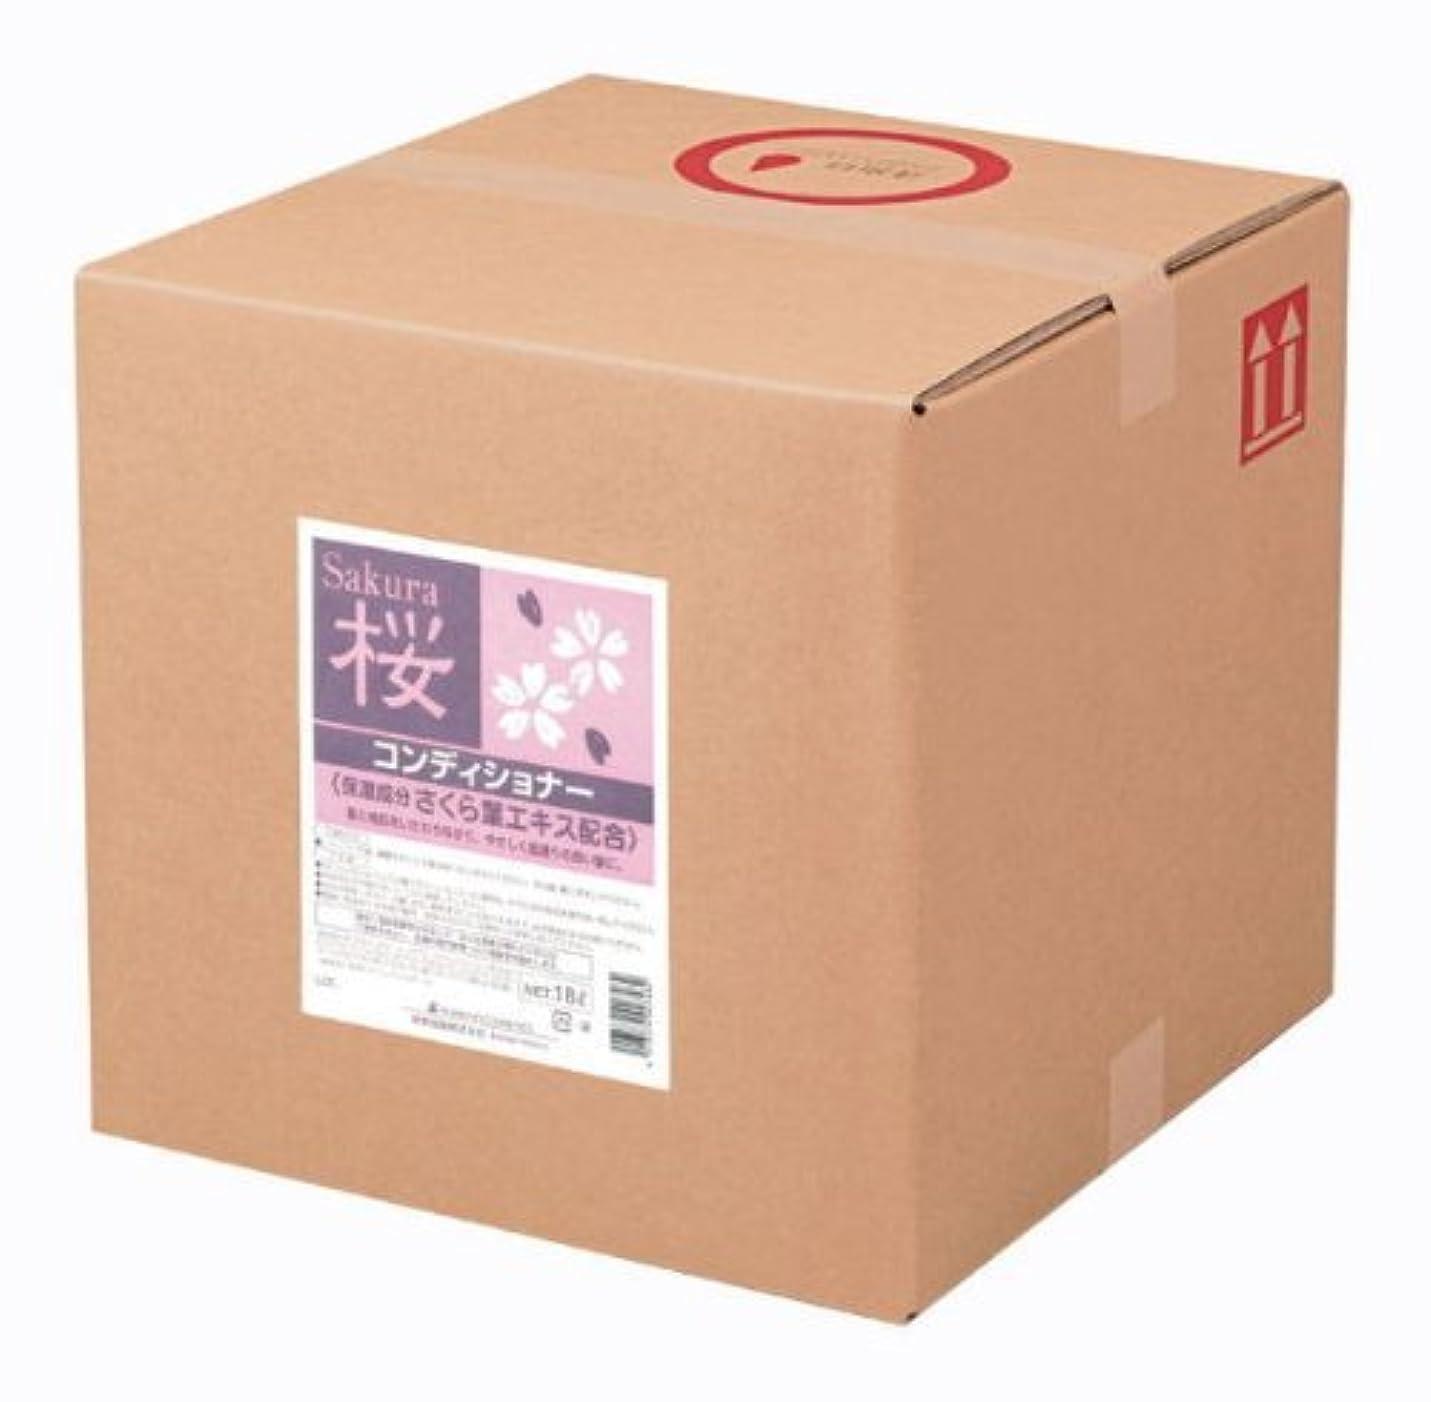 届ける農民シャッター熊野油脂 業務用 桜 コンディショナー 18L